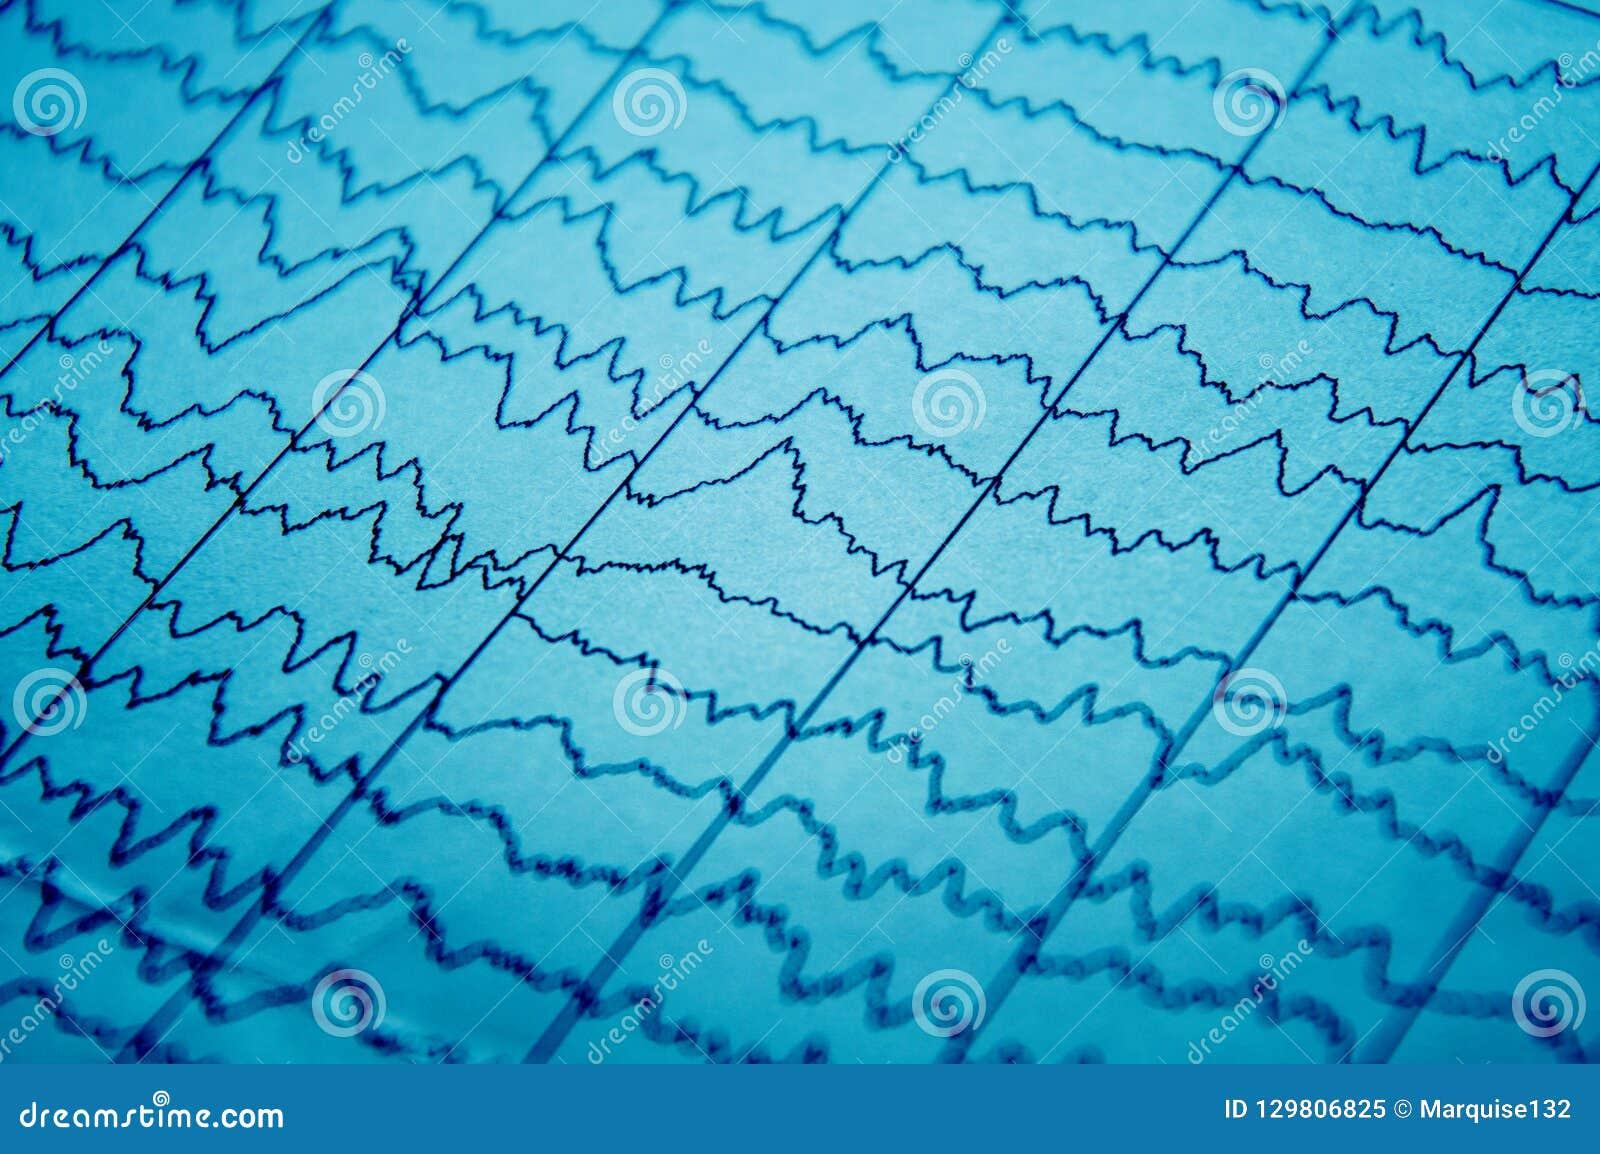 Ηλεκτρο φυσιολογικός έλεγχος EEG metod Ηλεκτρική δραστηριότητα του εγκεφάλου